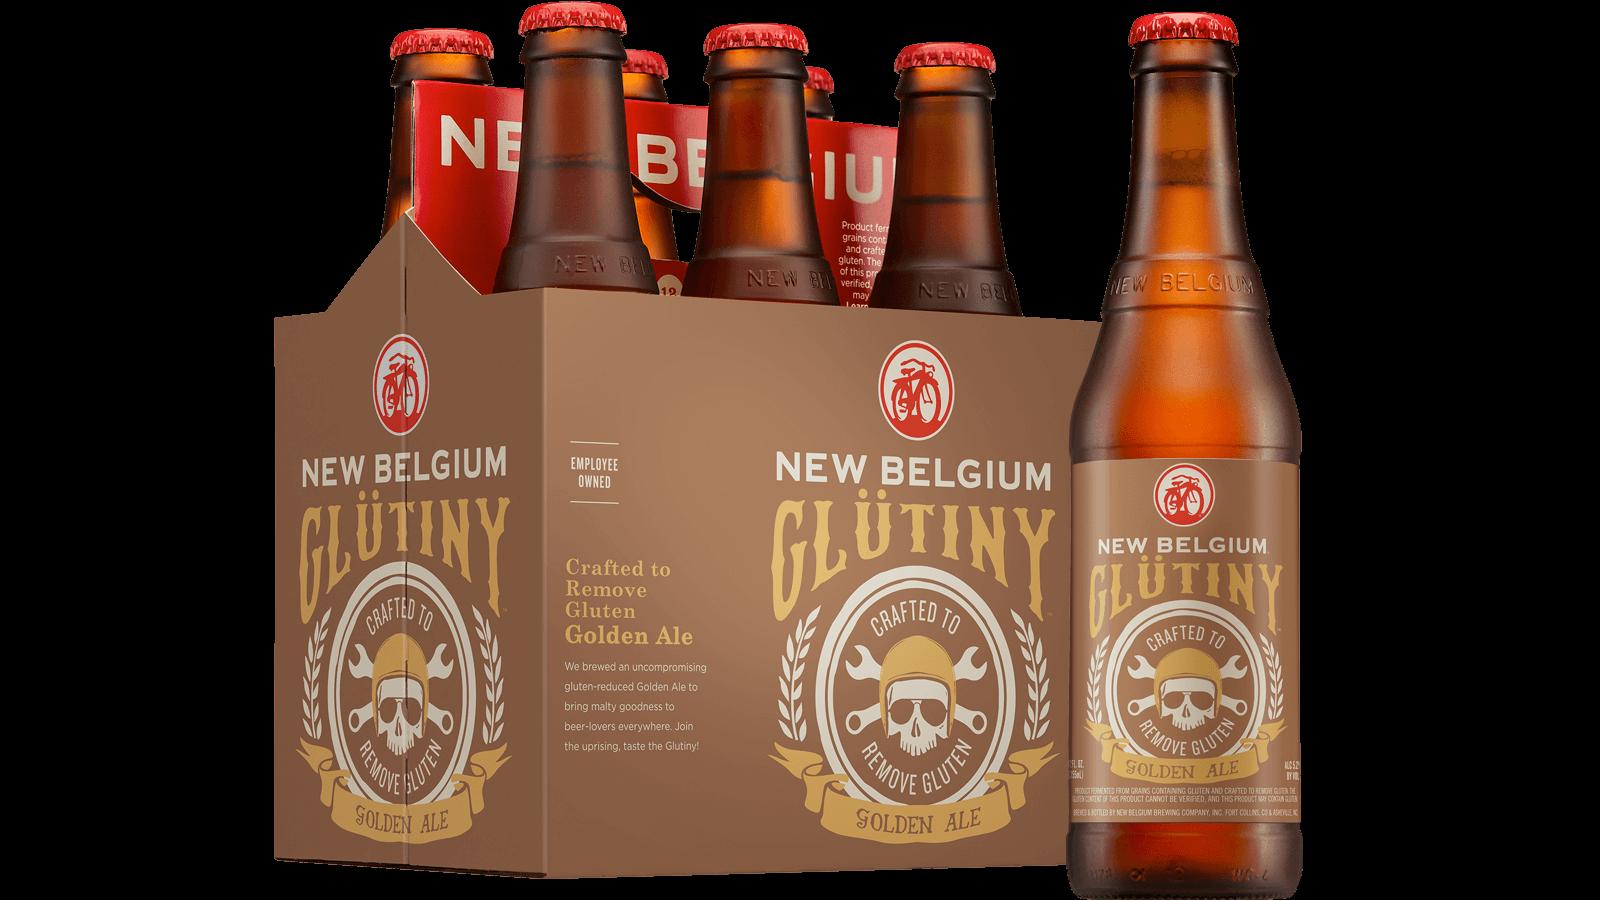 New Belgium Glutiny Gluten-Free Beer 6-Pack